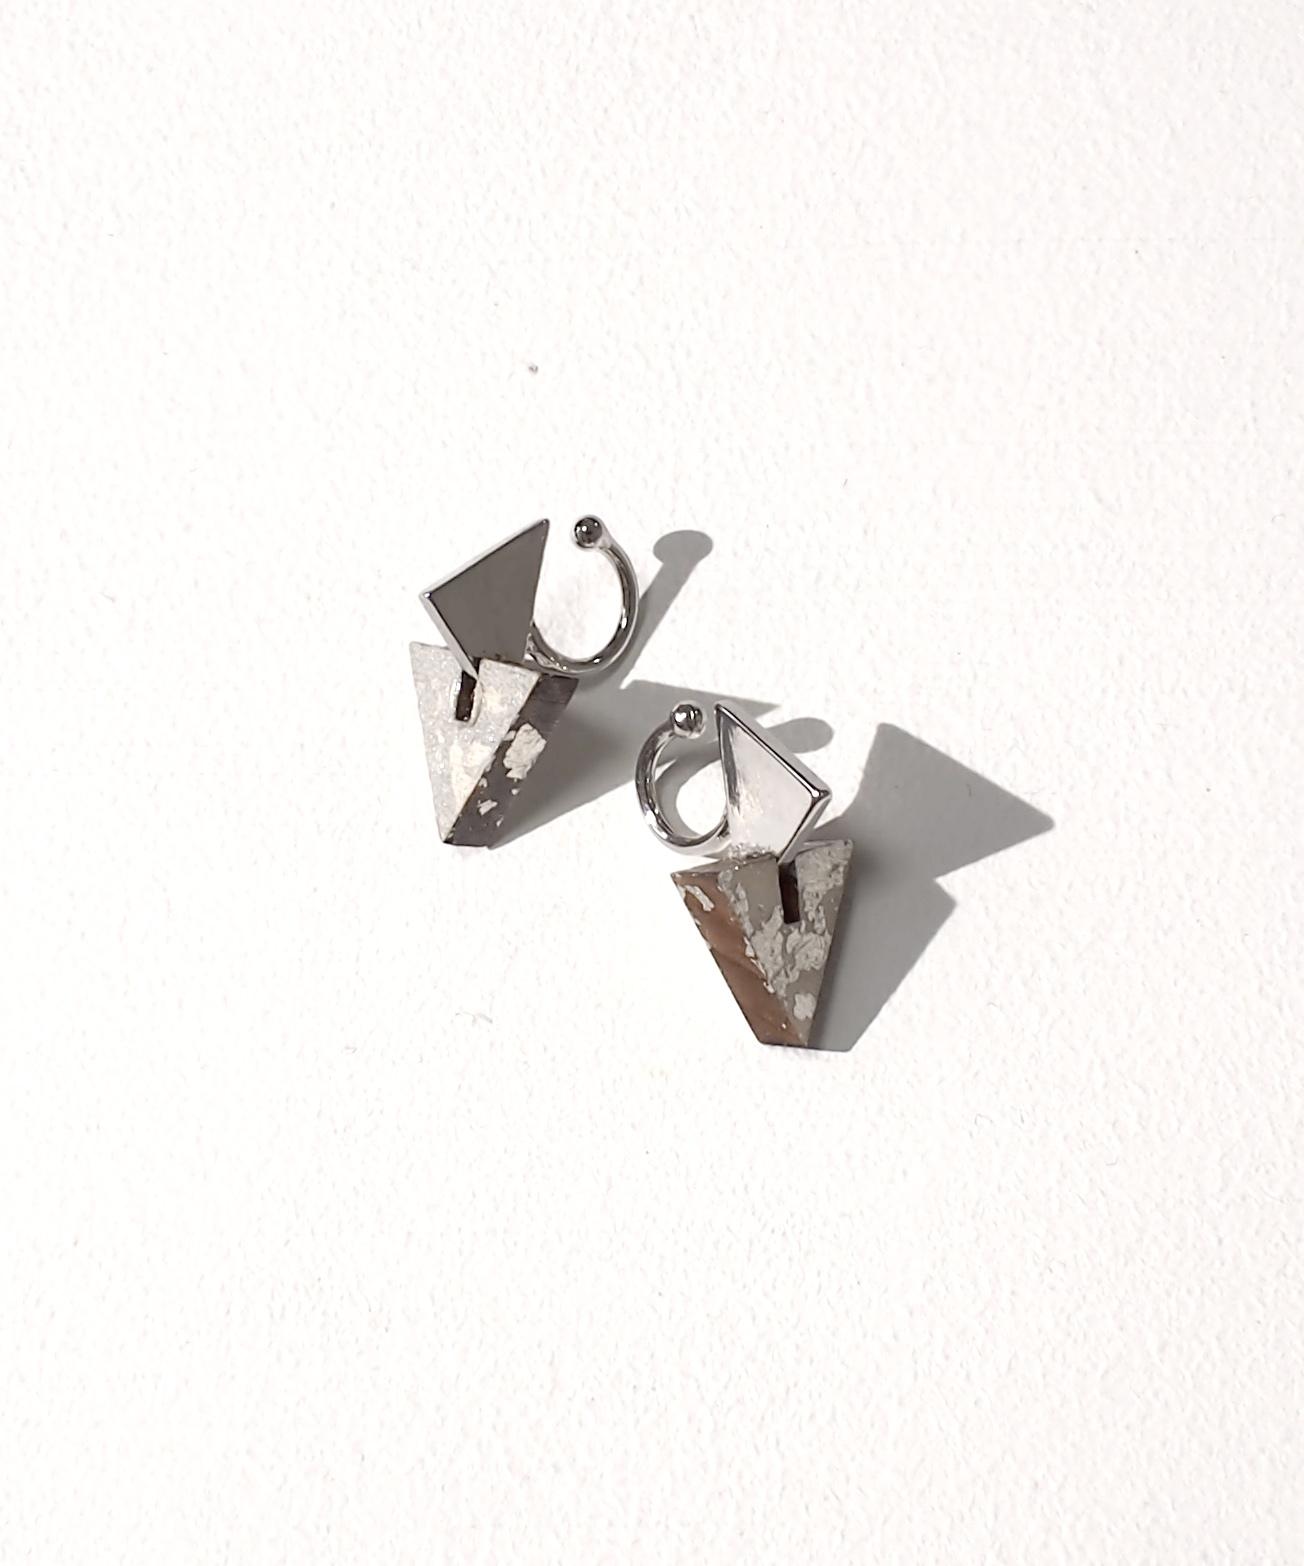 ブロックウッドリピートモチーフ三角イヤリング